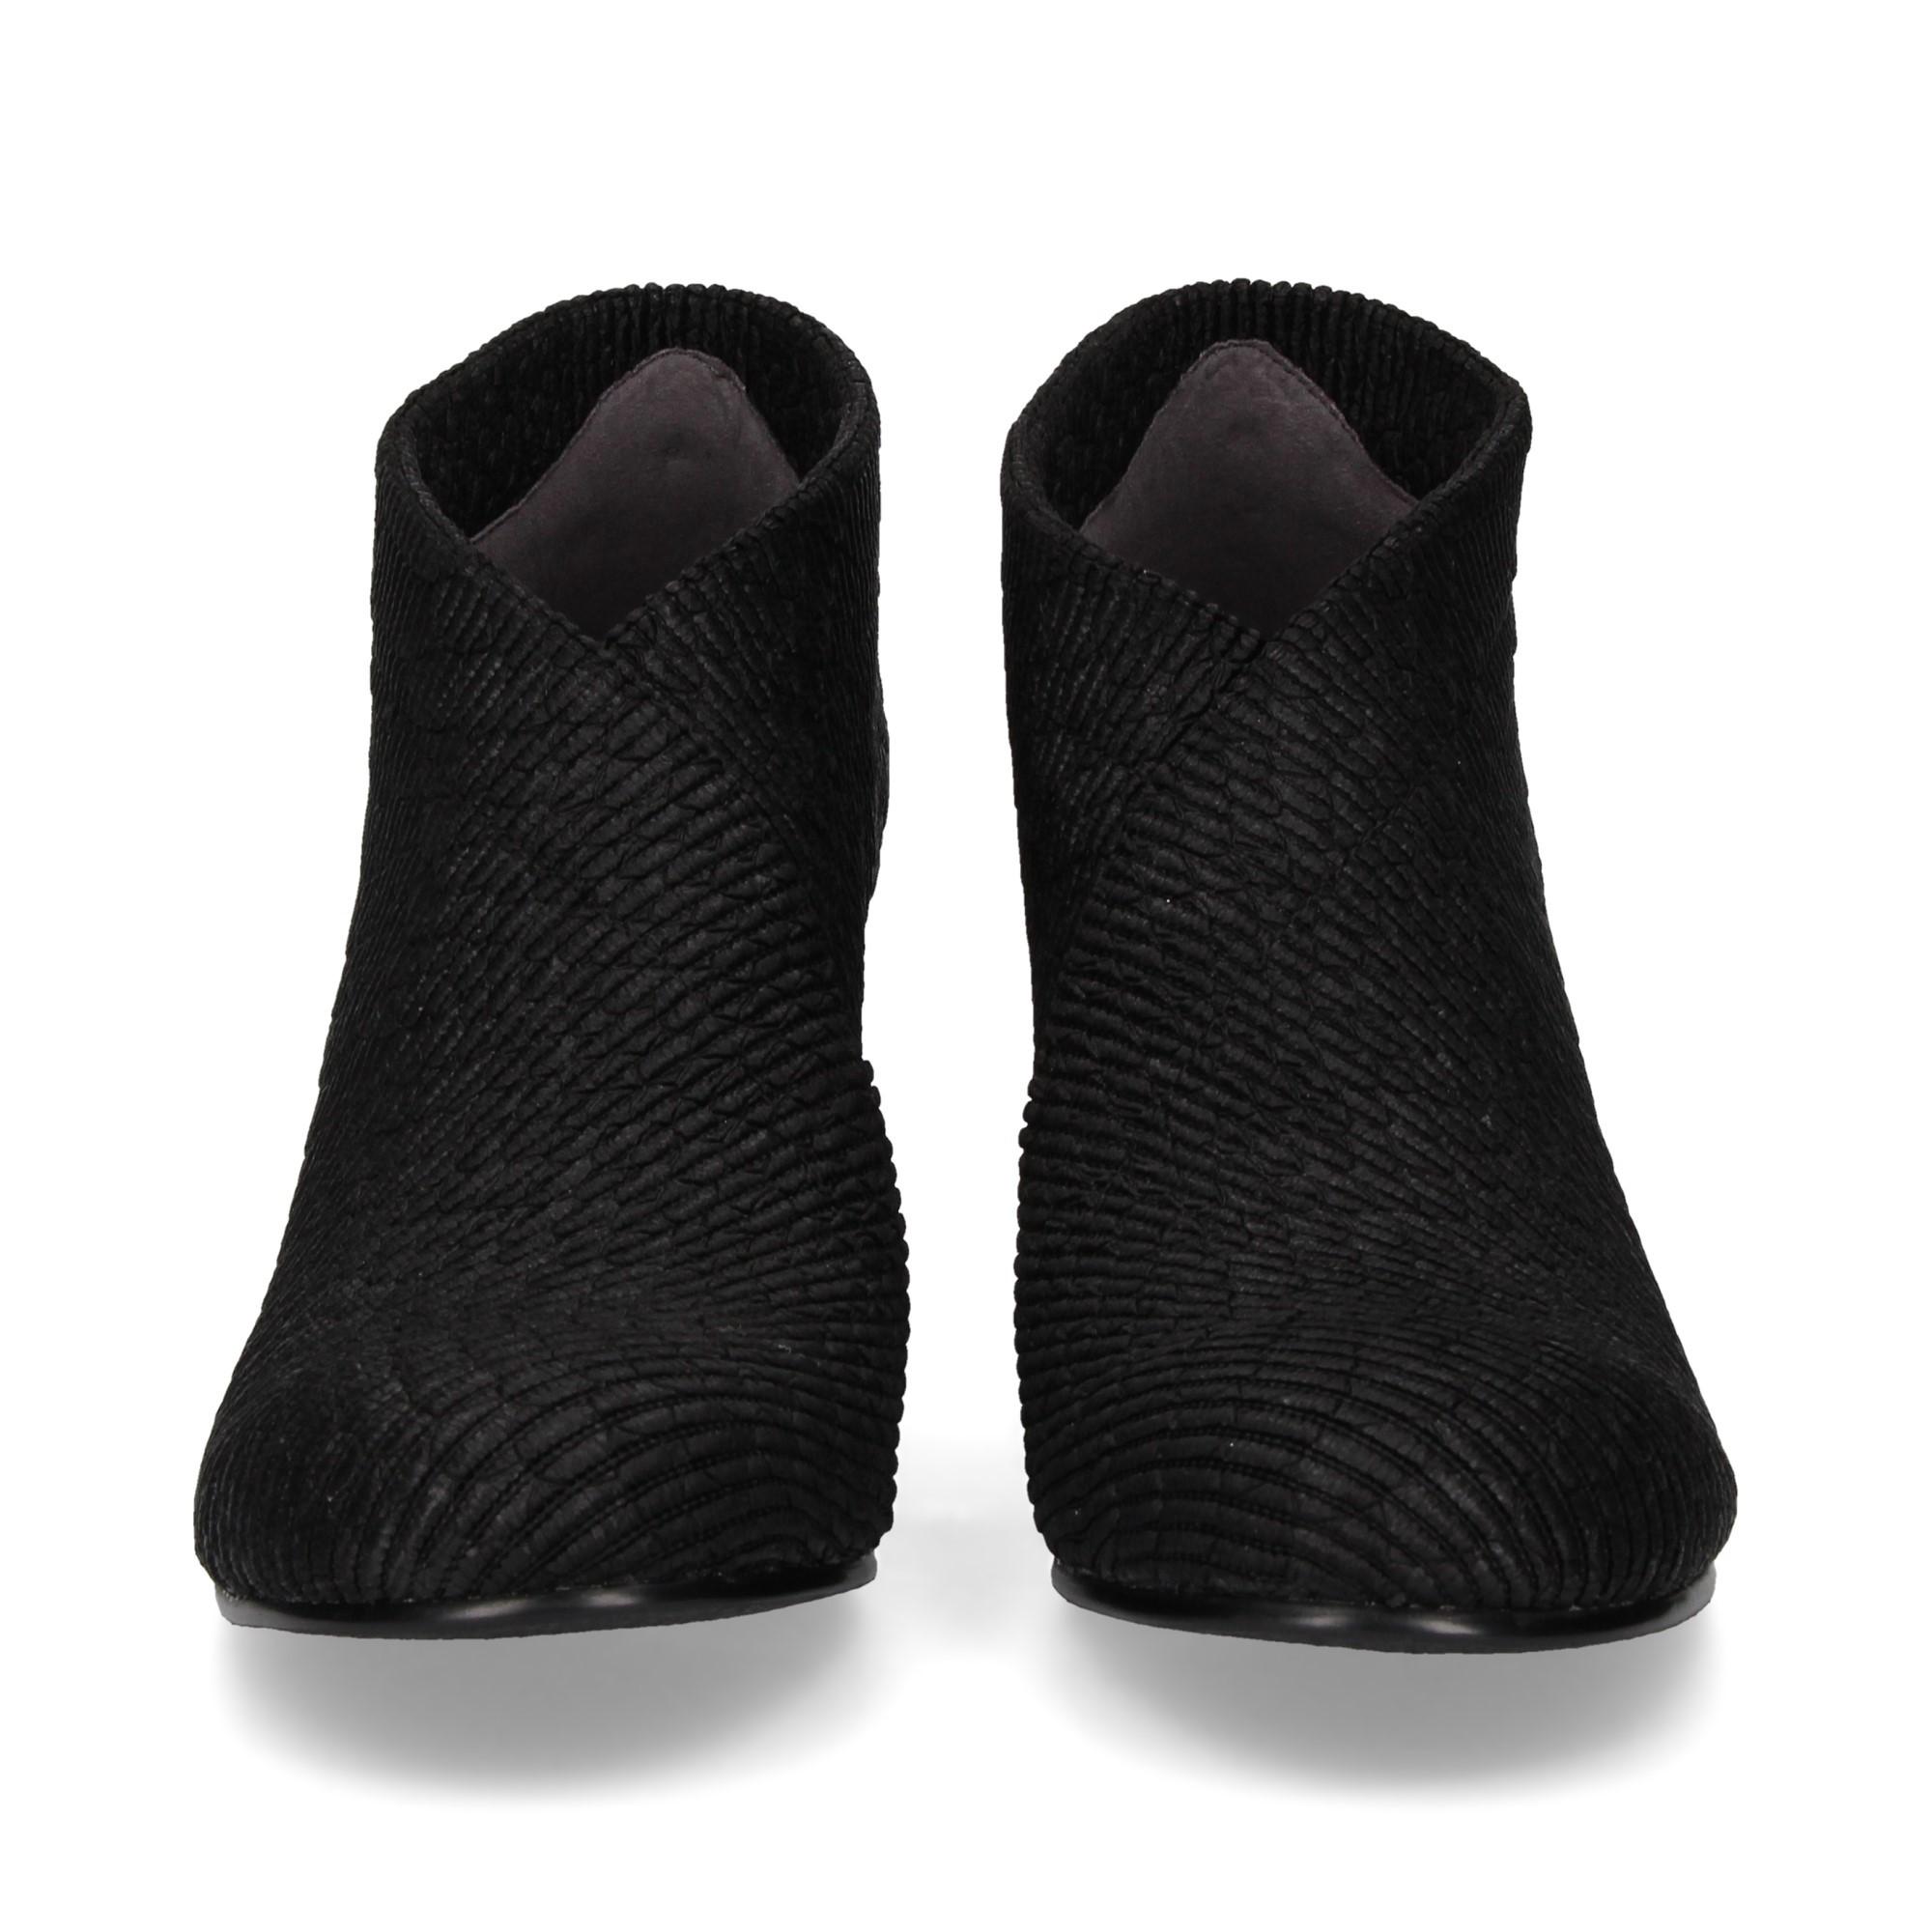 botin-textil-piton-negro